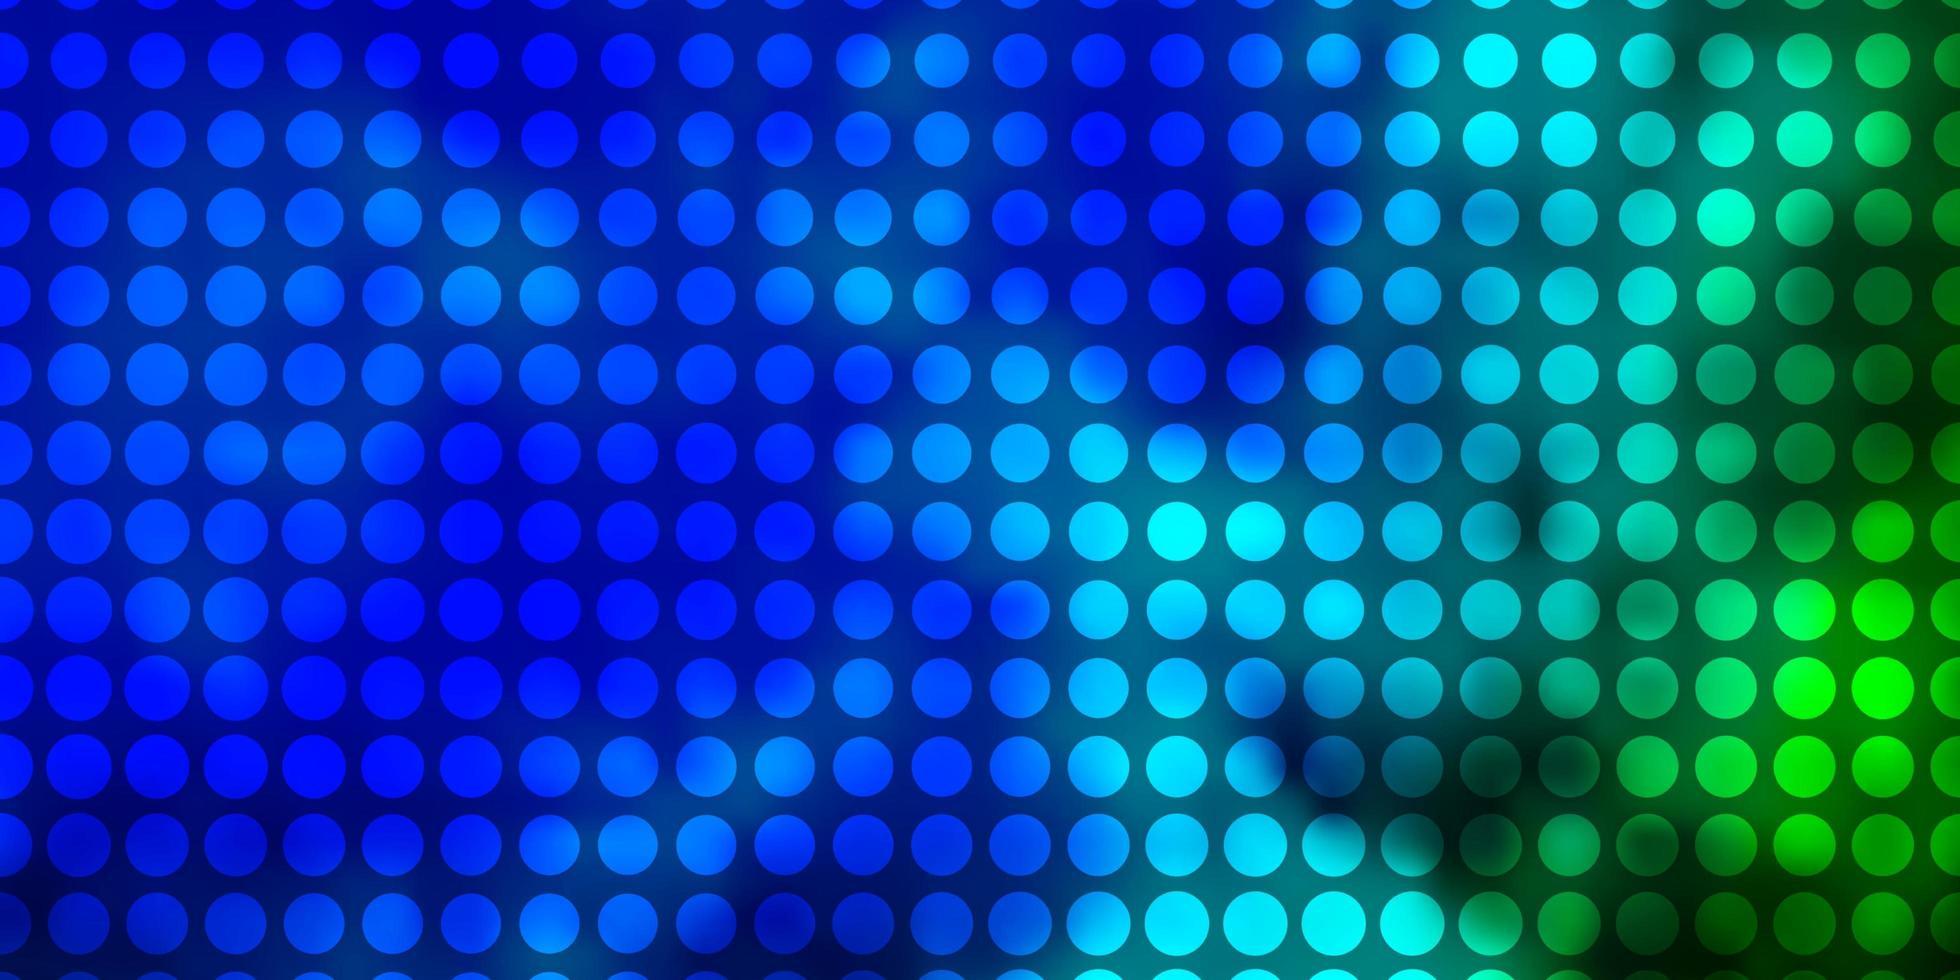 padrão de vetor azul claro e verde com círculos